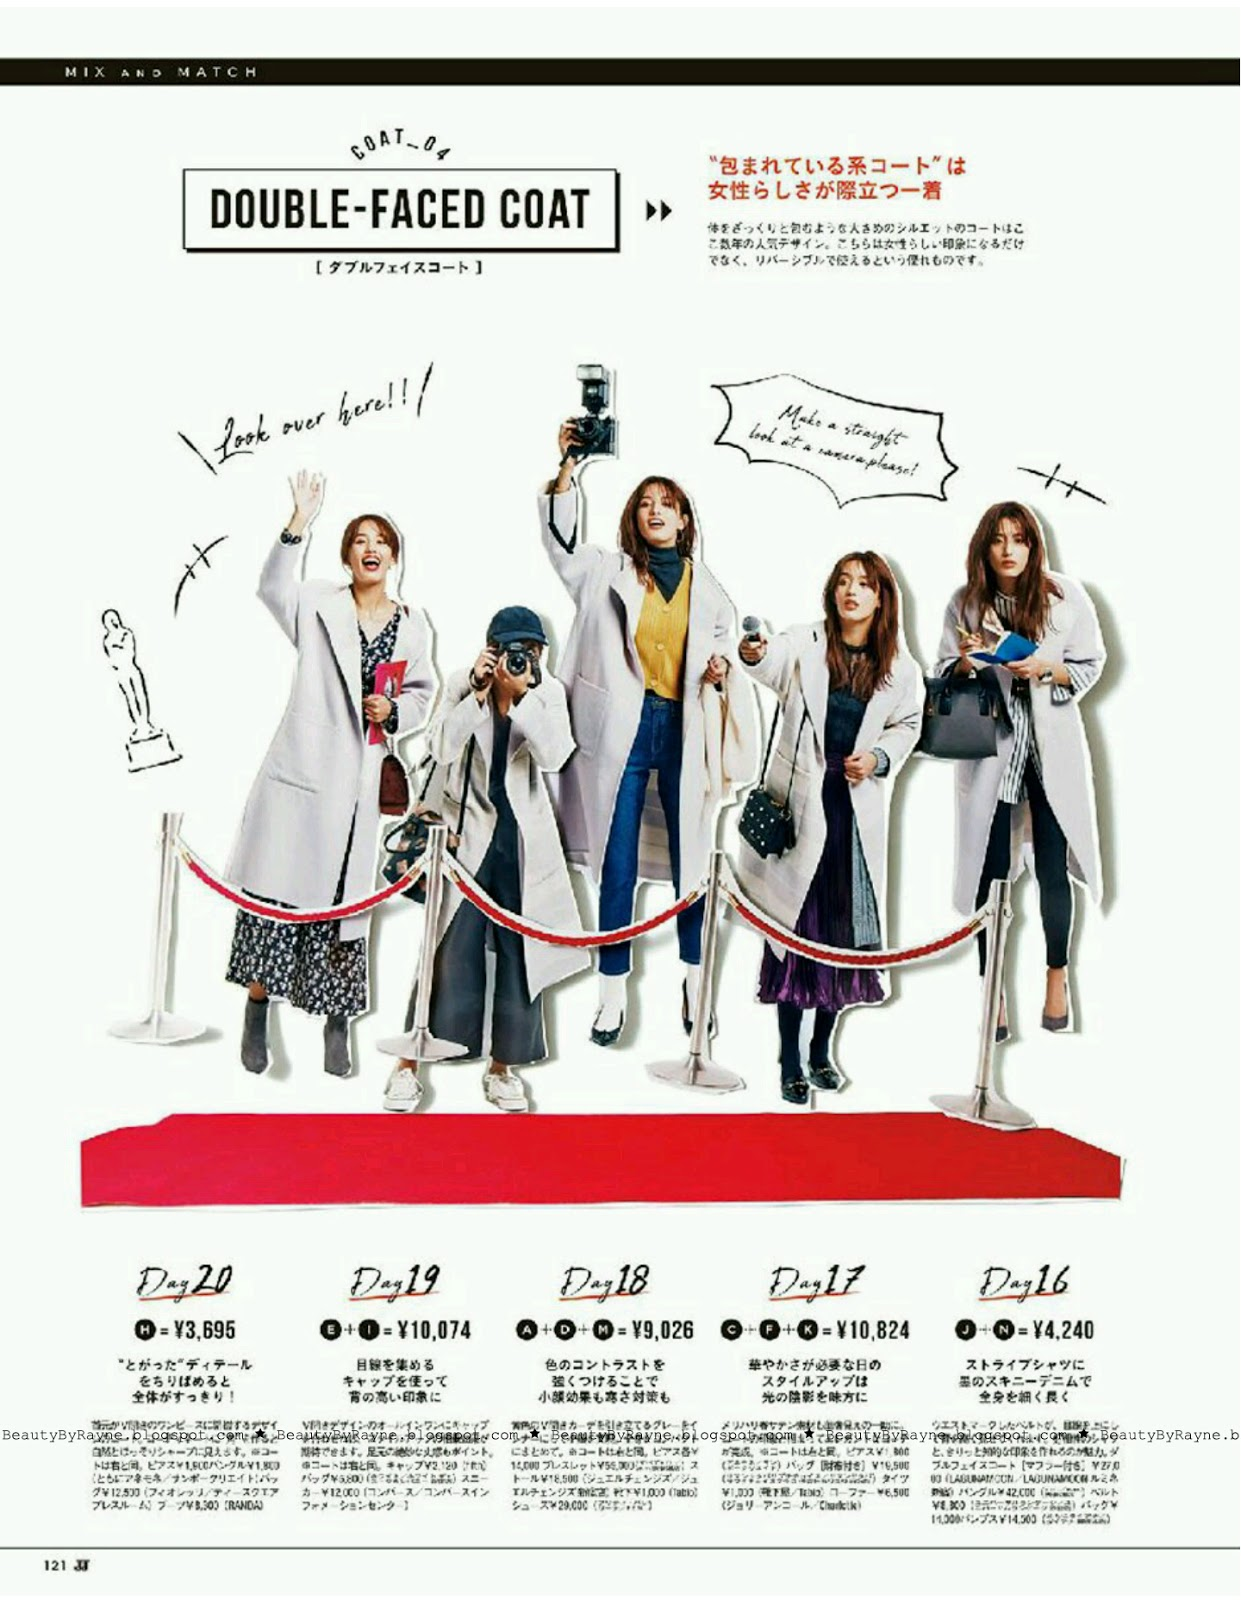 JJ February 2019 Issue, Free Japanese Fashion Magazine Scans